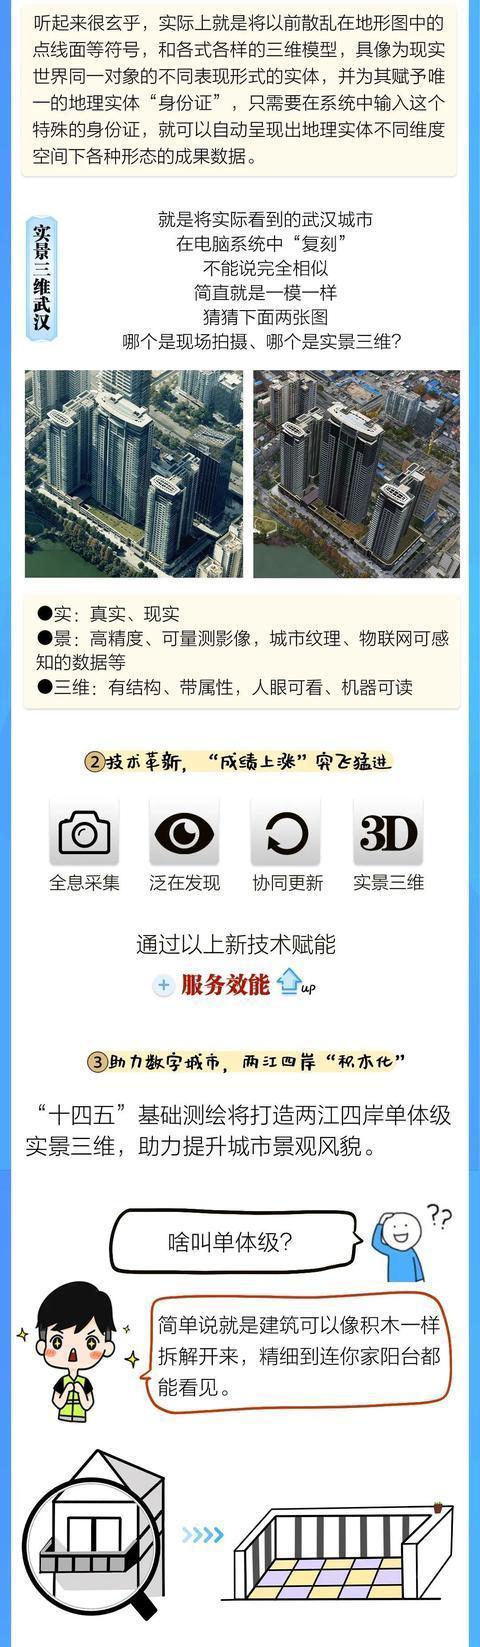 《武汉市基础测绘十四五计划》发表,今后五年武汉将这样做!|一图读。 第10张